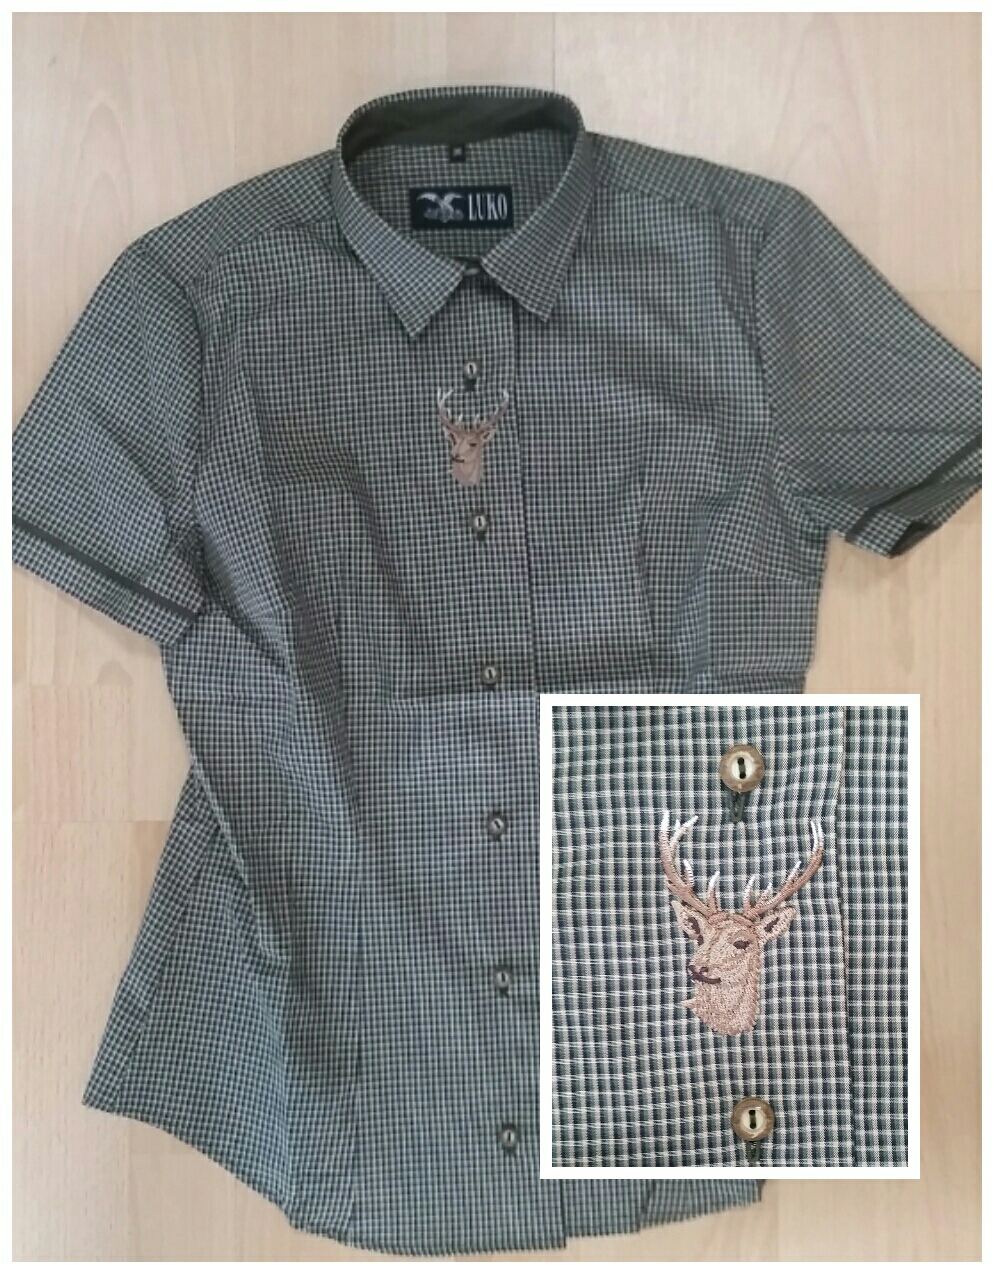 b4a1f903adb Dámská košile Luko 154118 vel.38 - Myslivecké a lovecké oblečení a ...